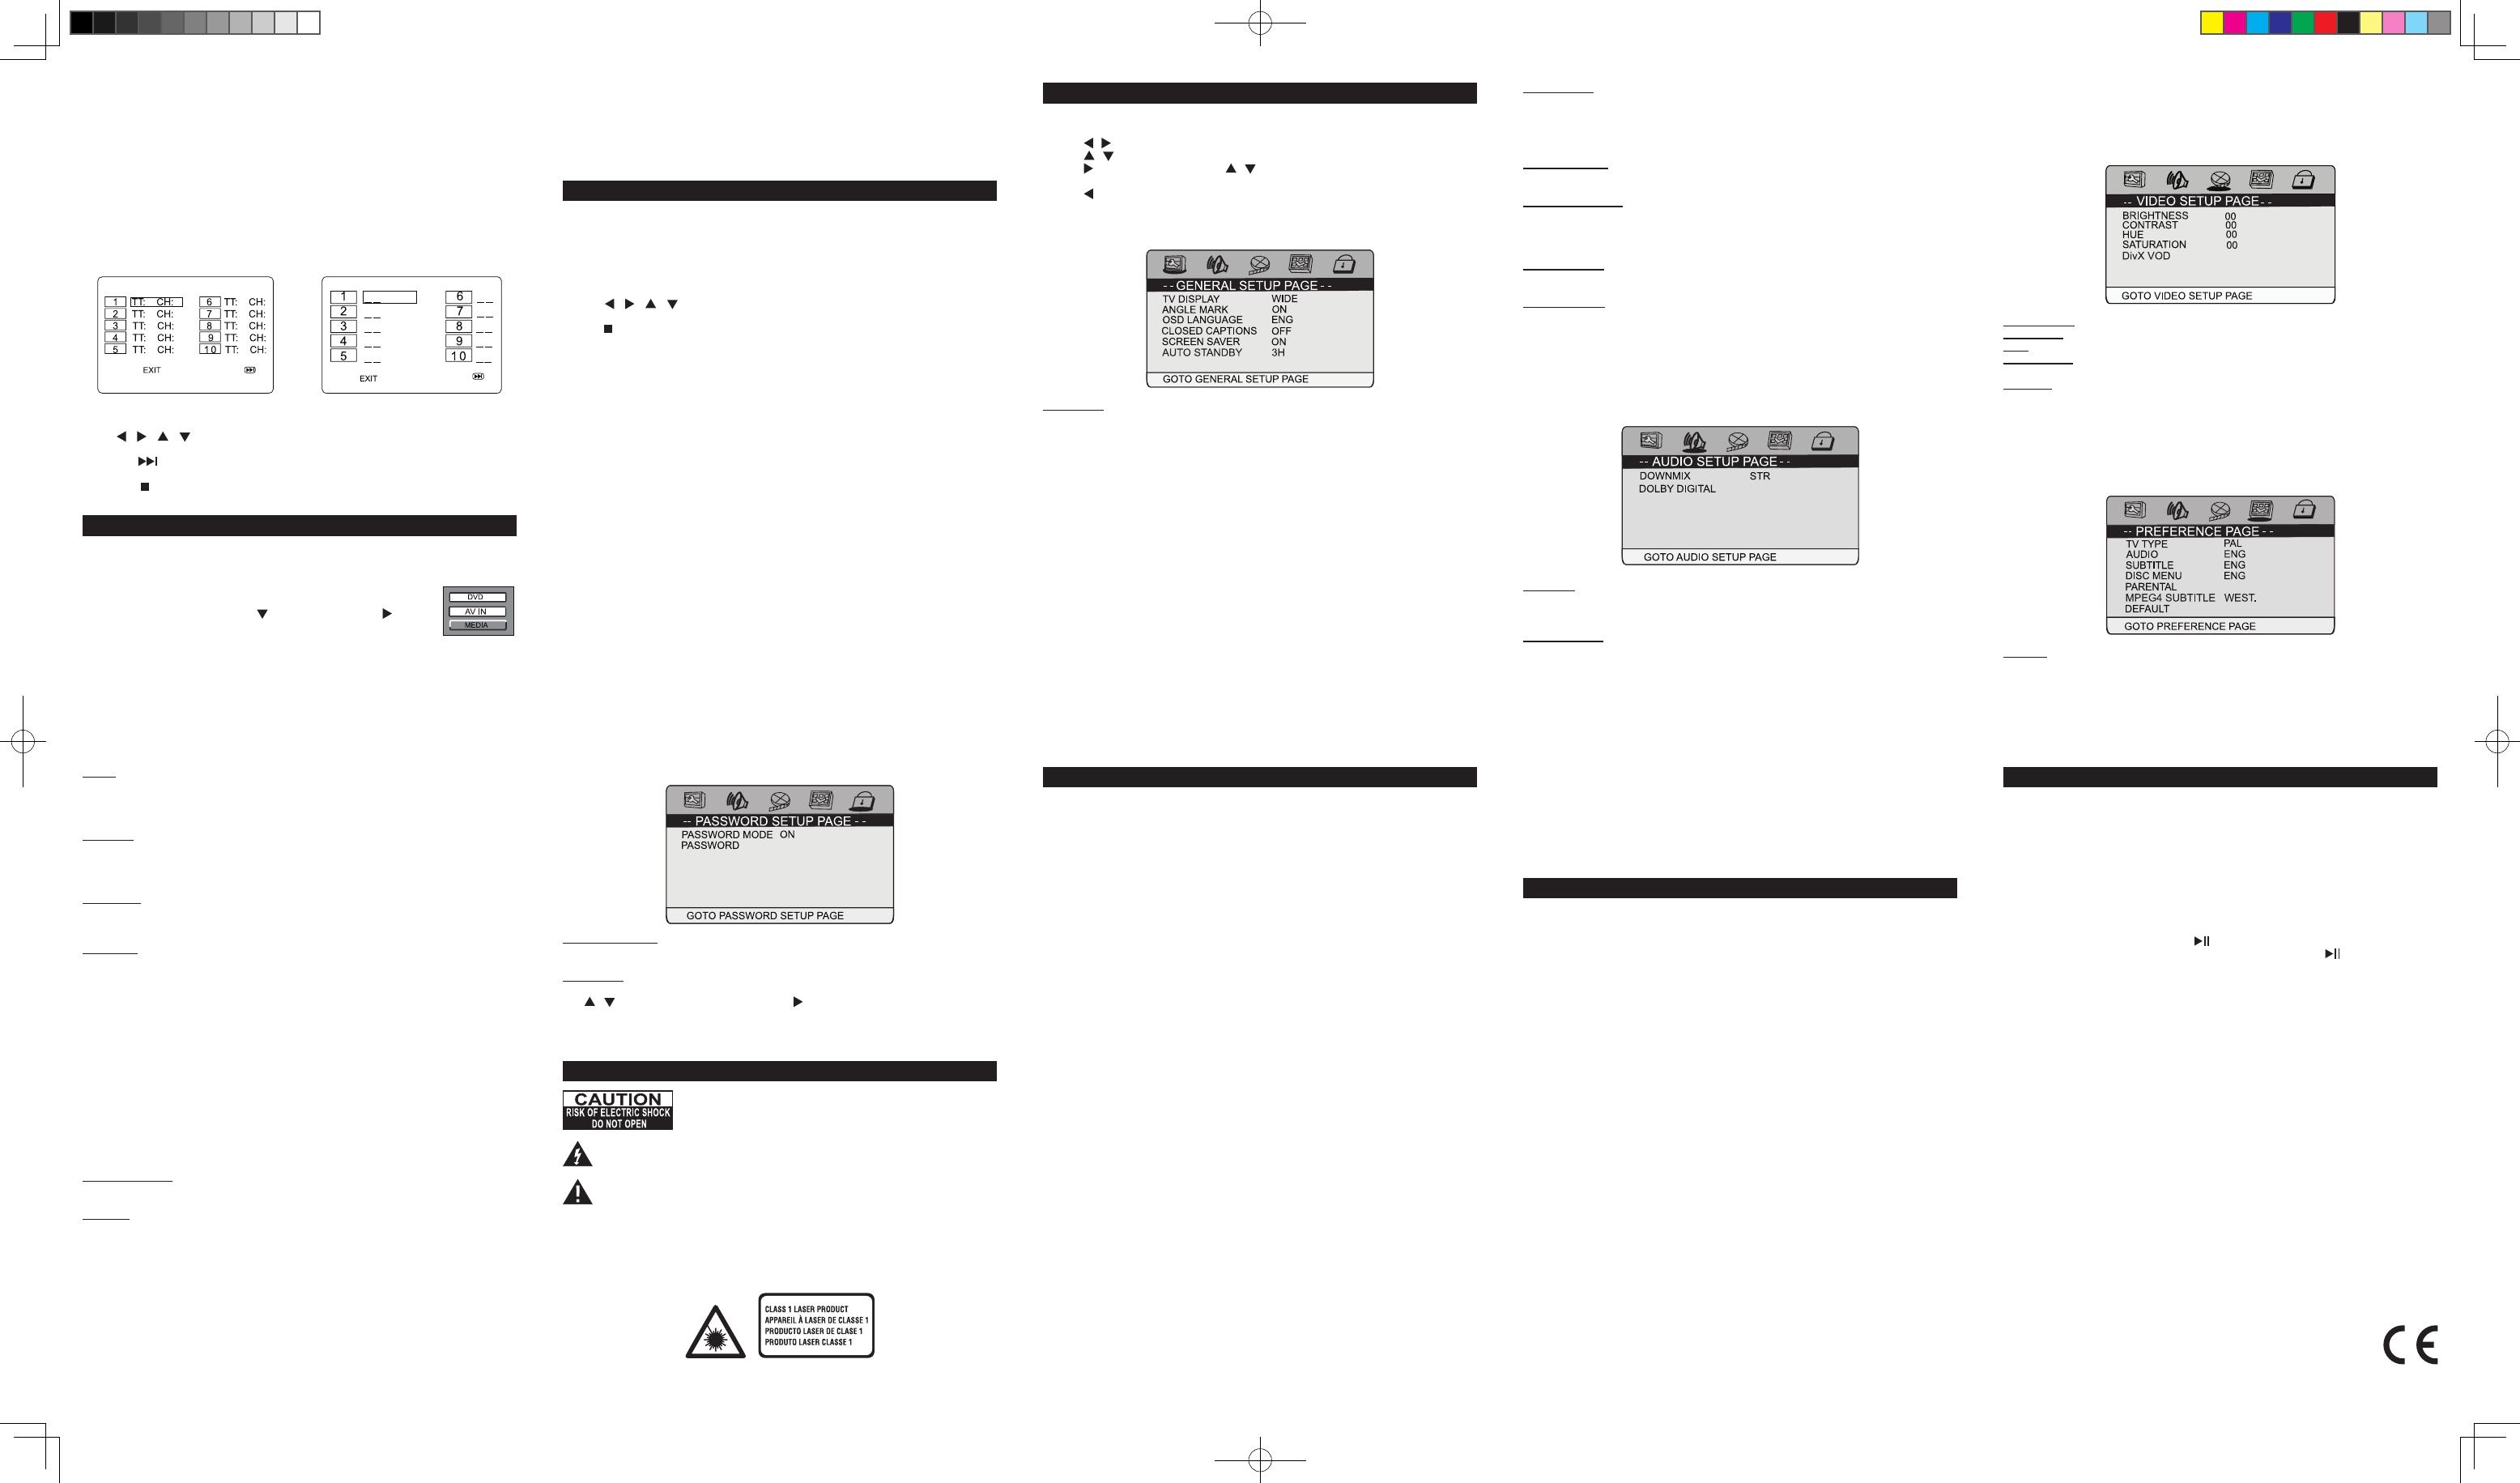 Bedienungsanleitung Muse M 1270 Dp Seite 3 Von 14 Deutsch